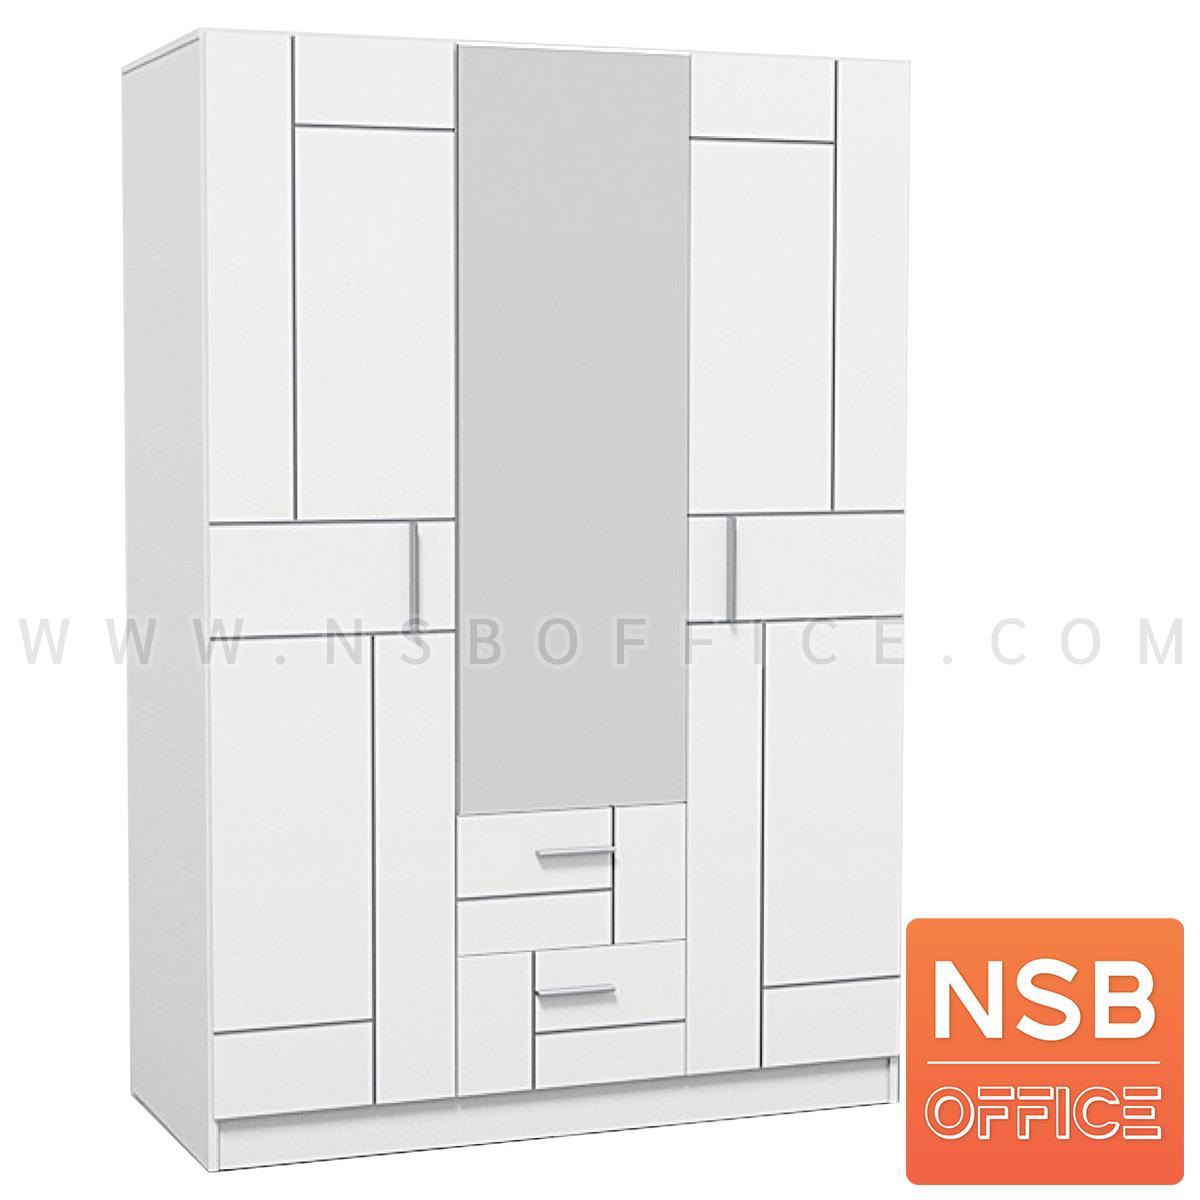 G12A282:ตู้เสื้อผ้าไม้ 3 บานเปิด 2 ลิ้นชัก รุ่น Honeyjam (ฮันนี่แจม) ขนาด 136W*60D *200H cm. มีบานกระจก